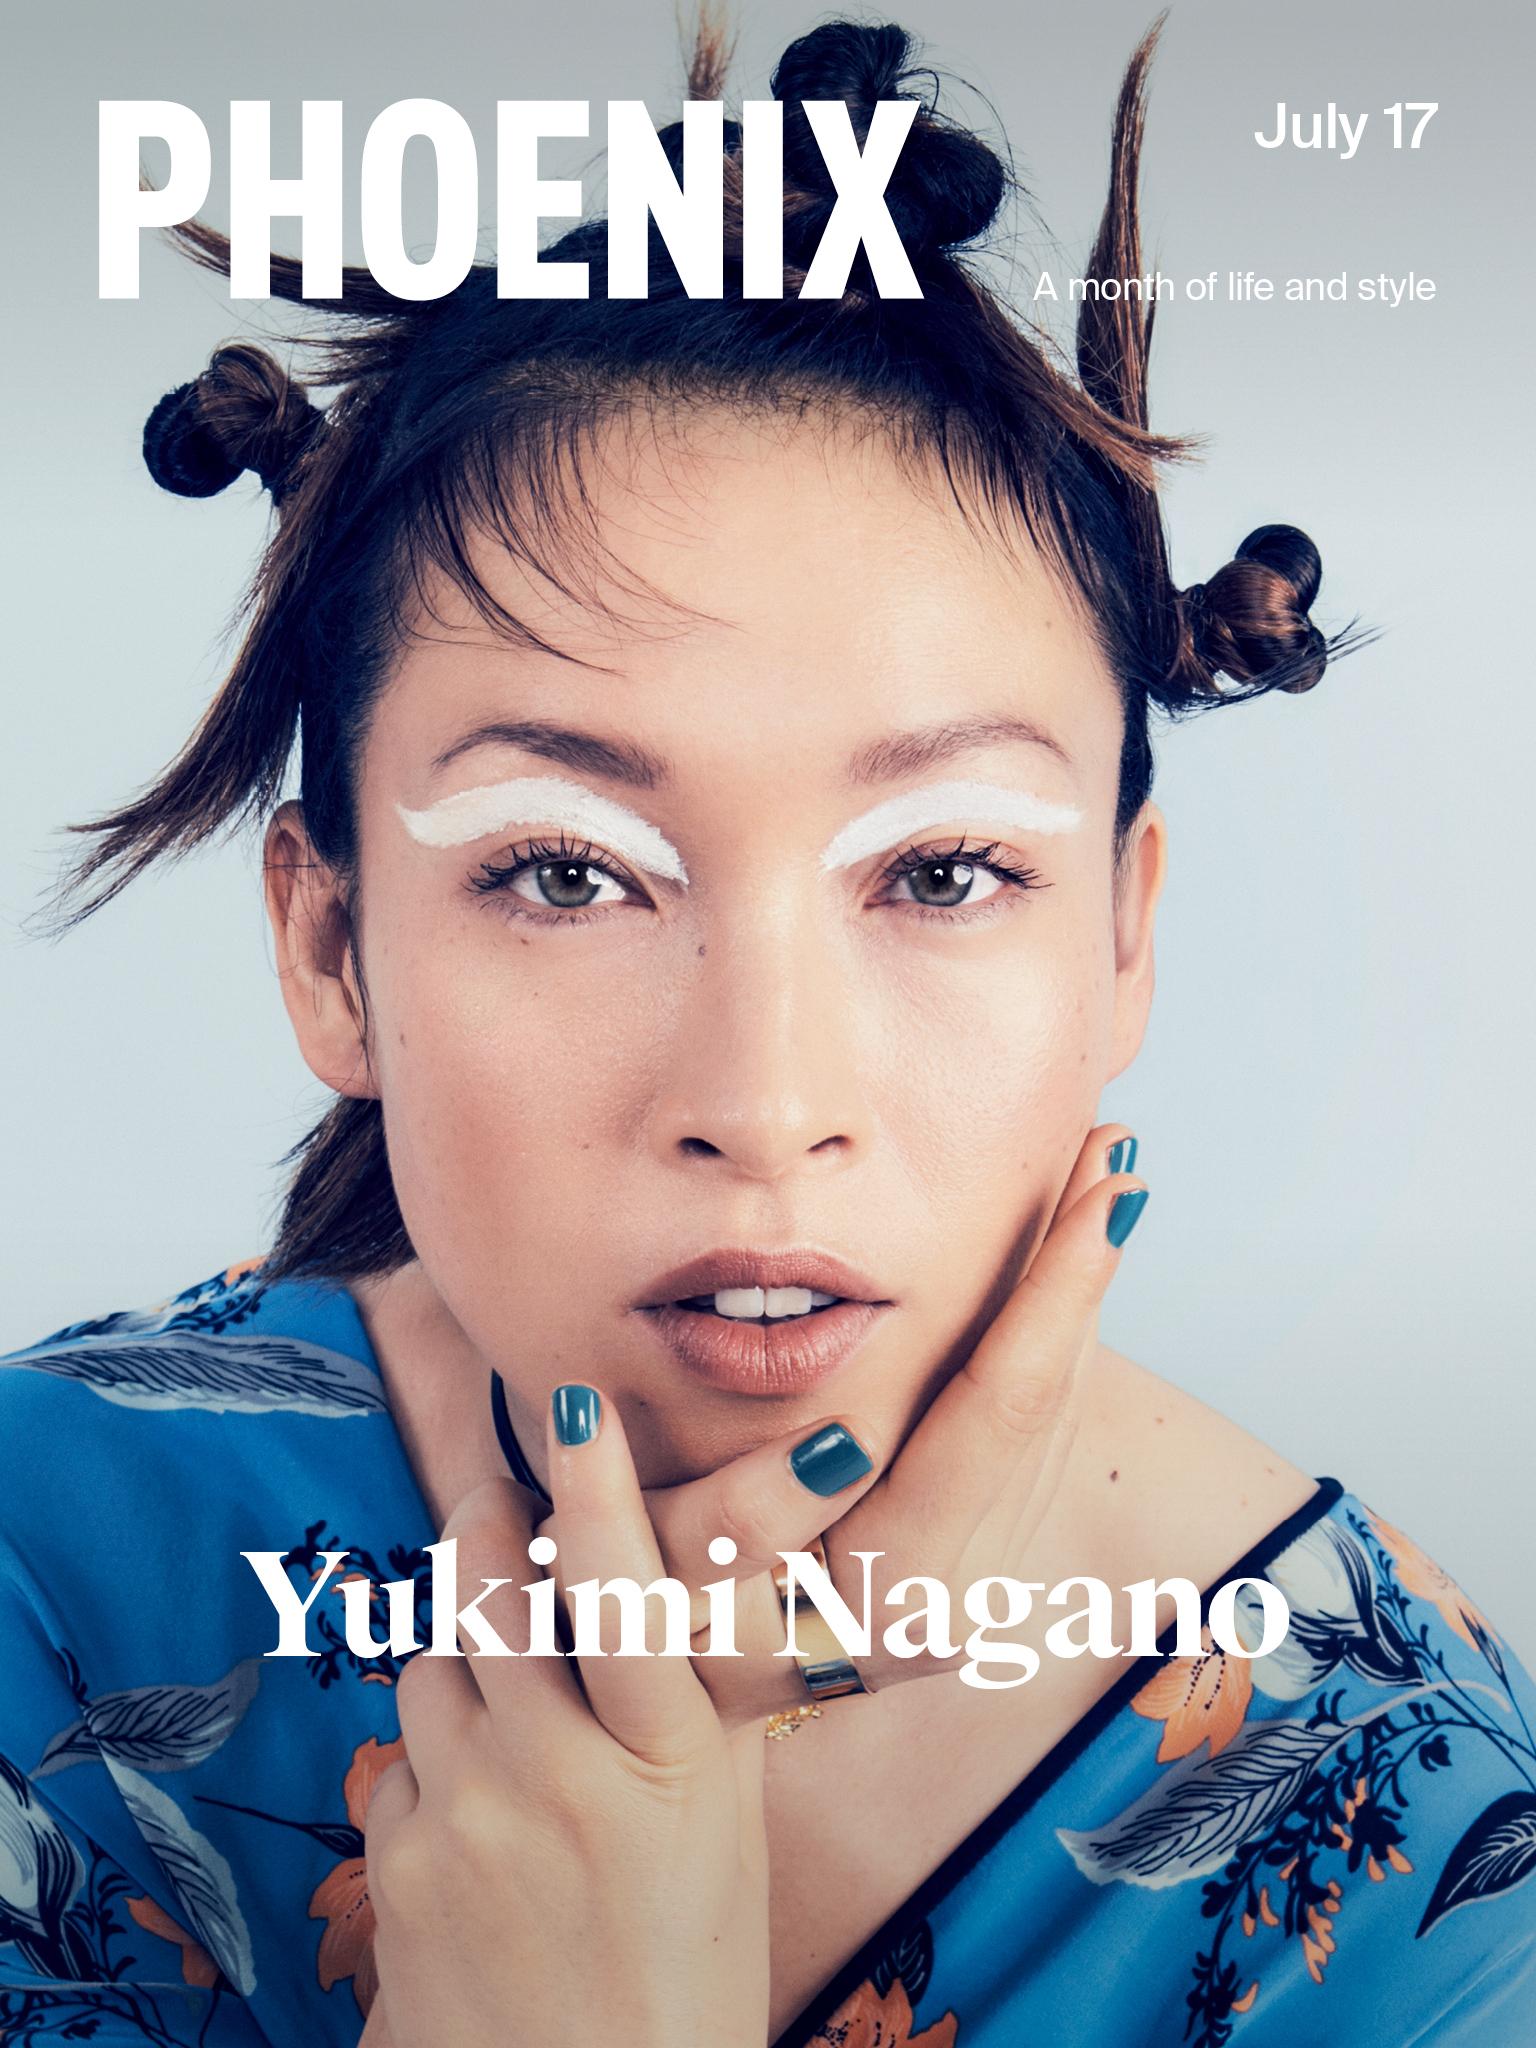 yukimi nagano dating